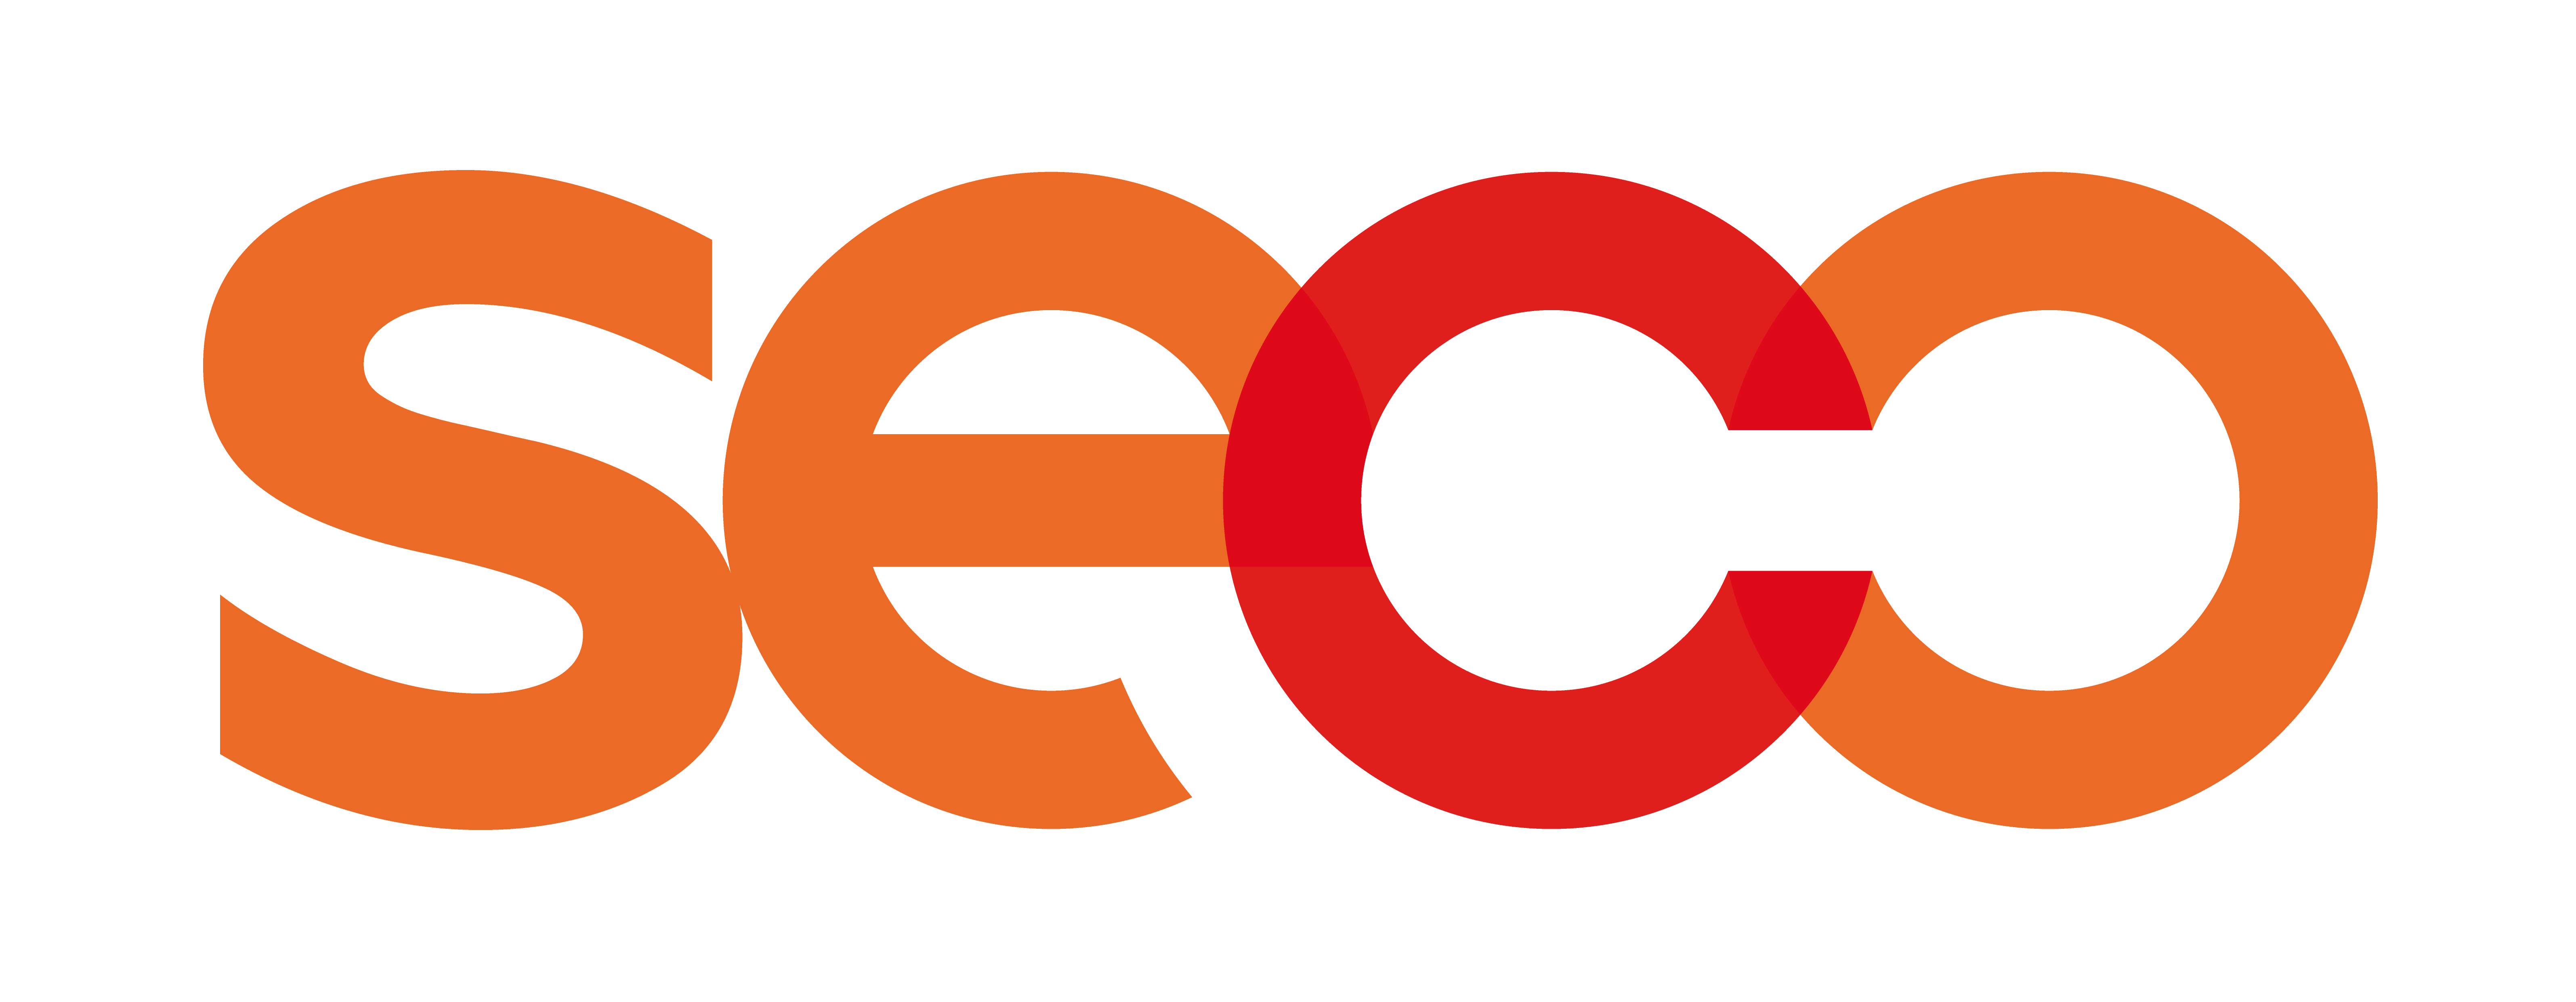 Emilio Seco